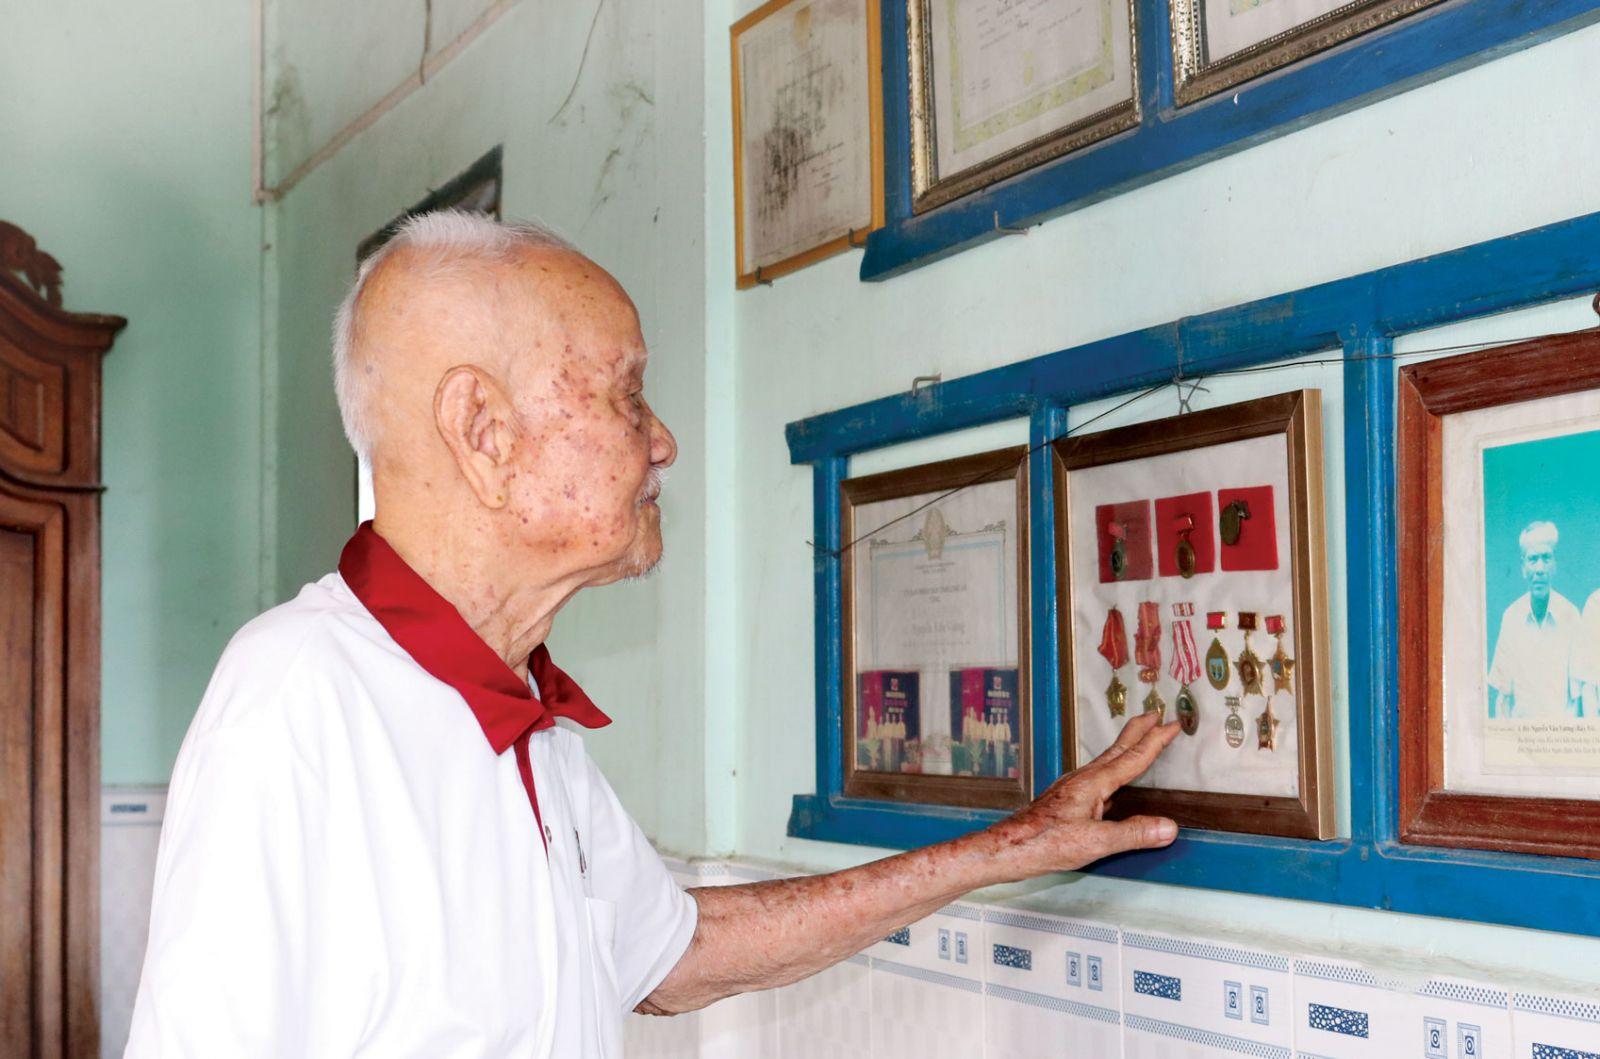 Ông Nguyễn Văn Vương - cựu tù Côn Đảo kể lại thời khắc 30/4 lịch sử  mà ông đã trải qua